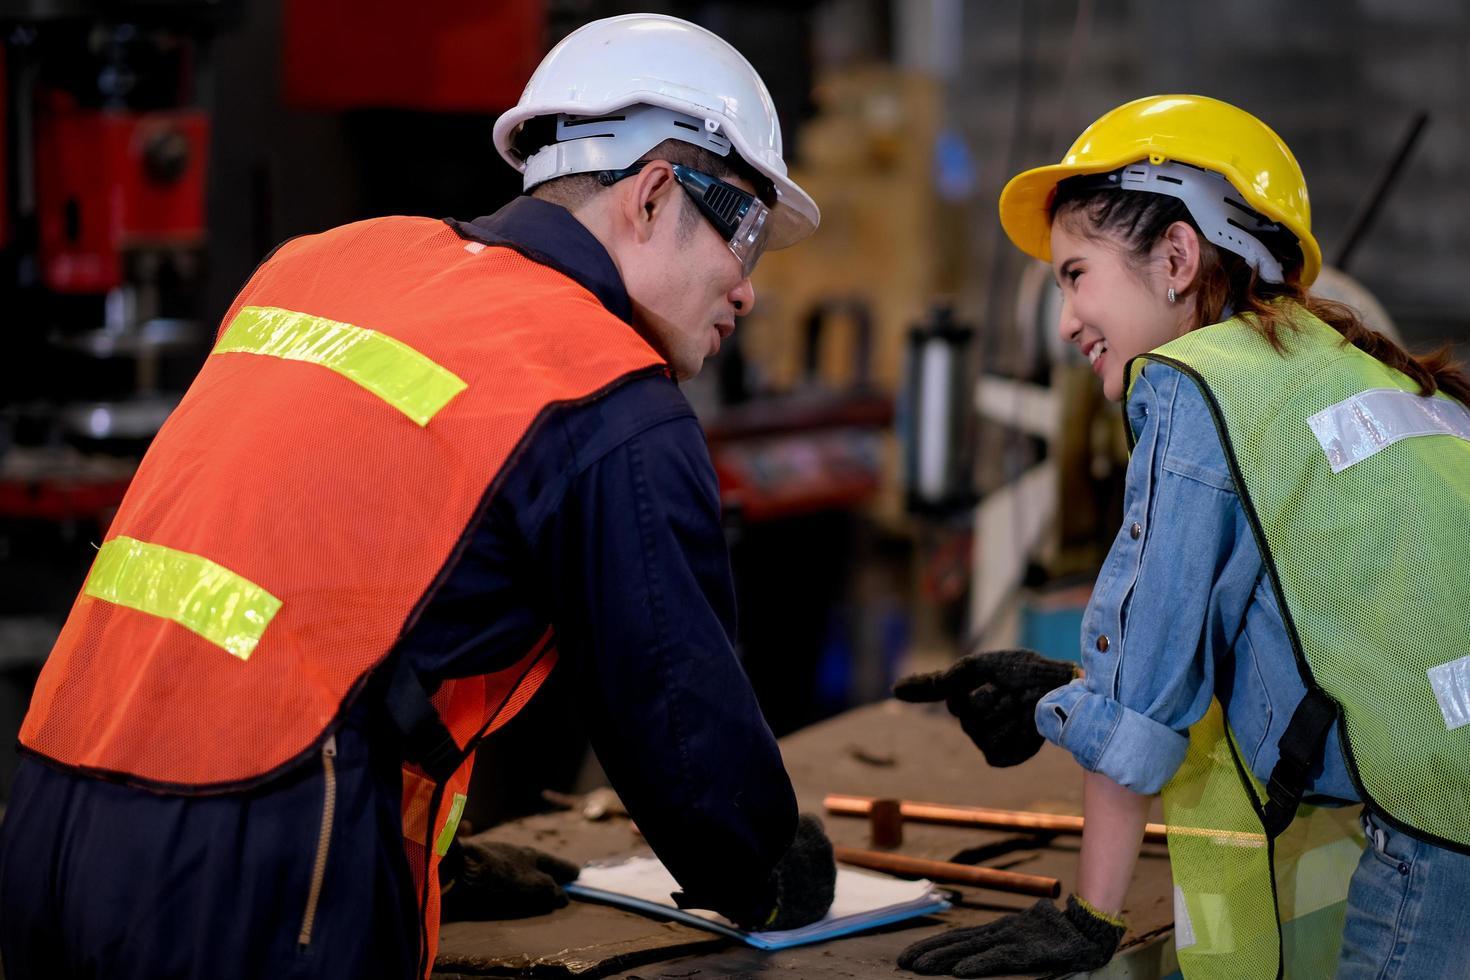 två tekniker diskuterar arbetet på fabriken foto